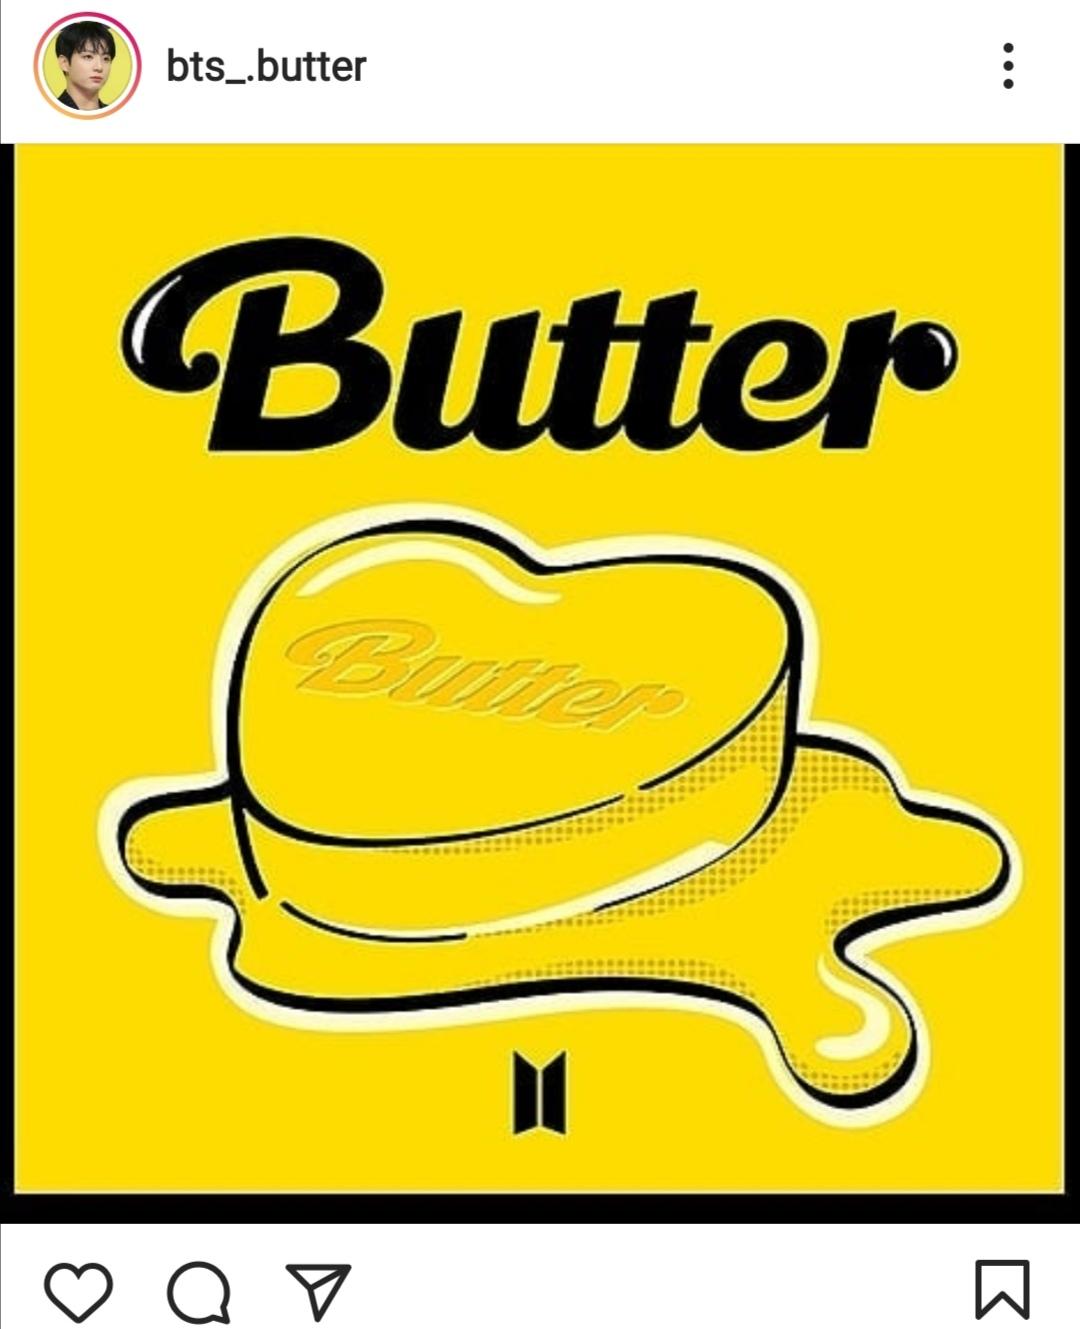 أغنية Butter تحصد ملايين المشاهدة- الصورة من حساب BTS على إنستغرام